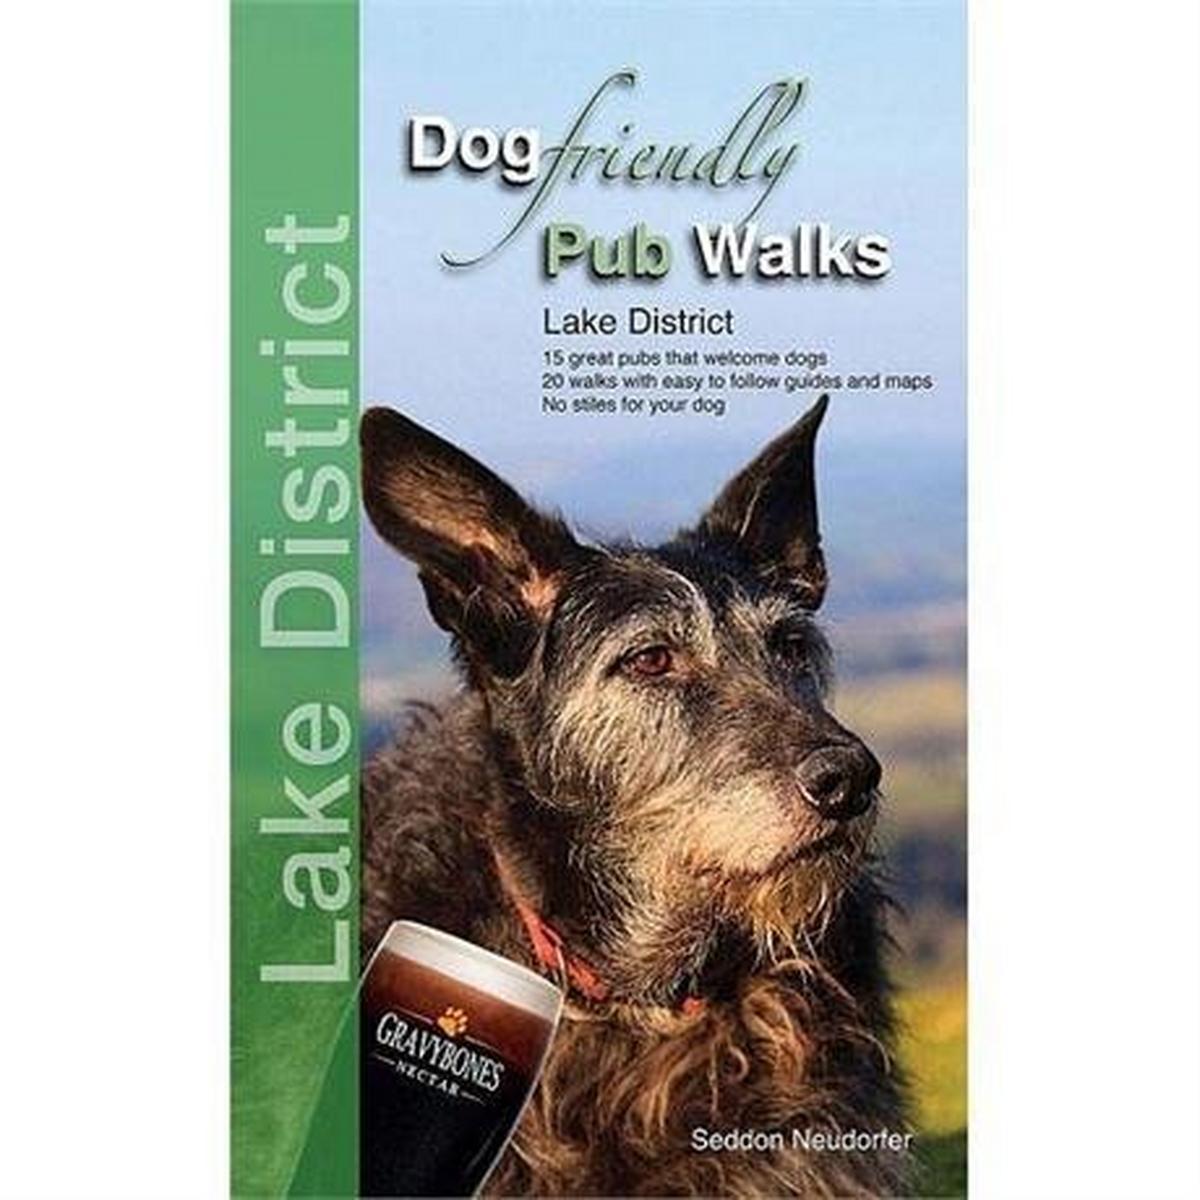 Miscellaneous Dog Friendly Pub Walks: Lake District